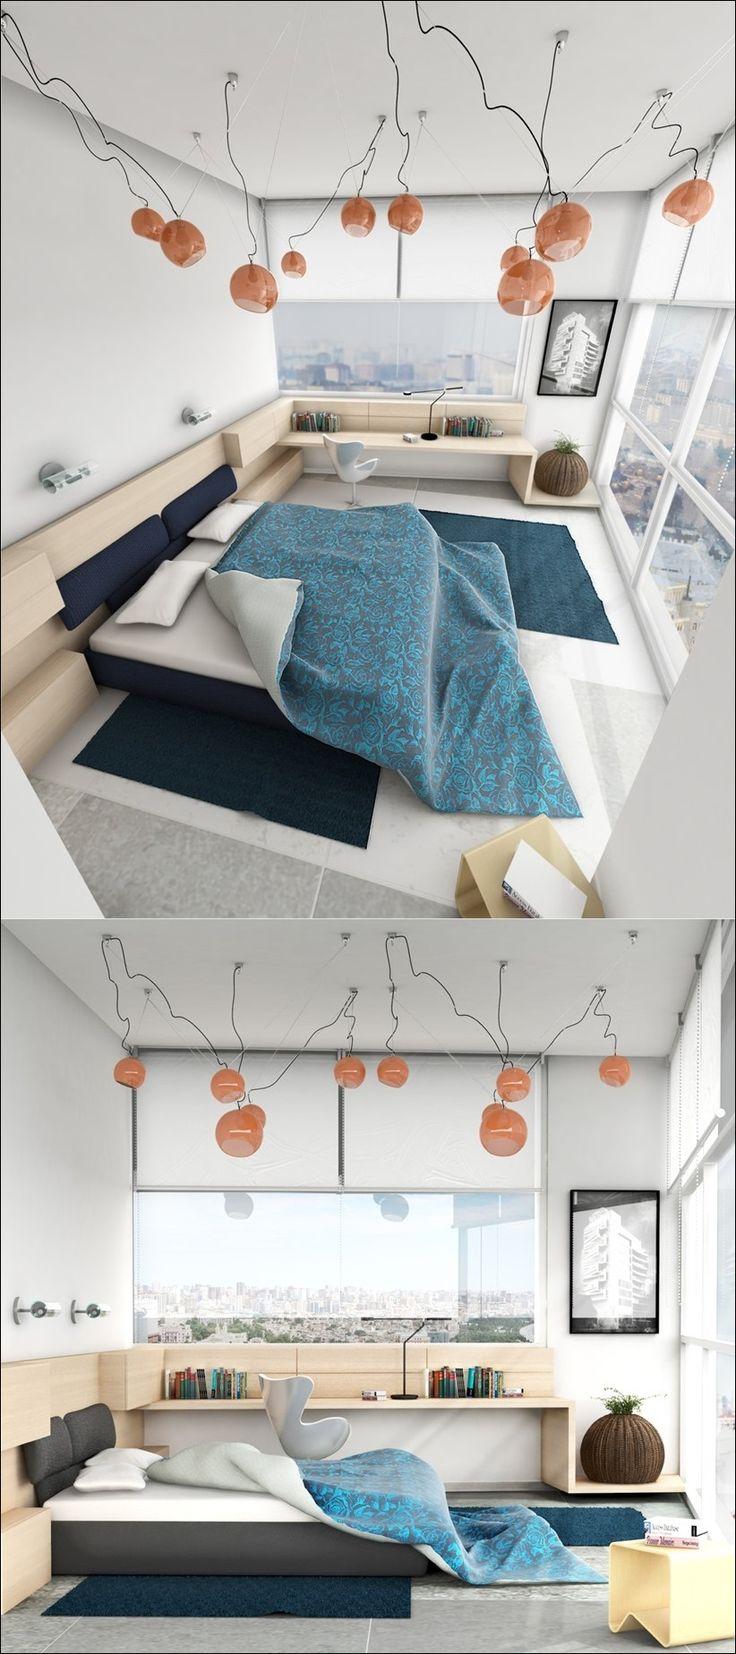 Простой и понятный, вдохновляющий дизайн спален | Design Zoom